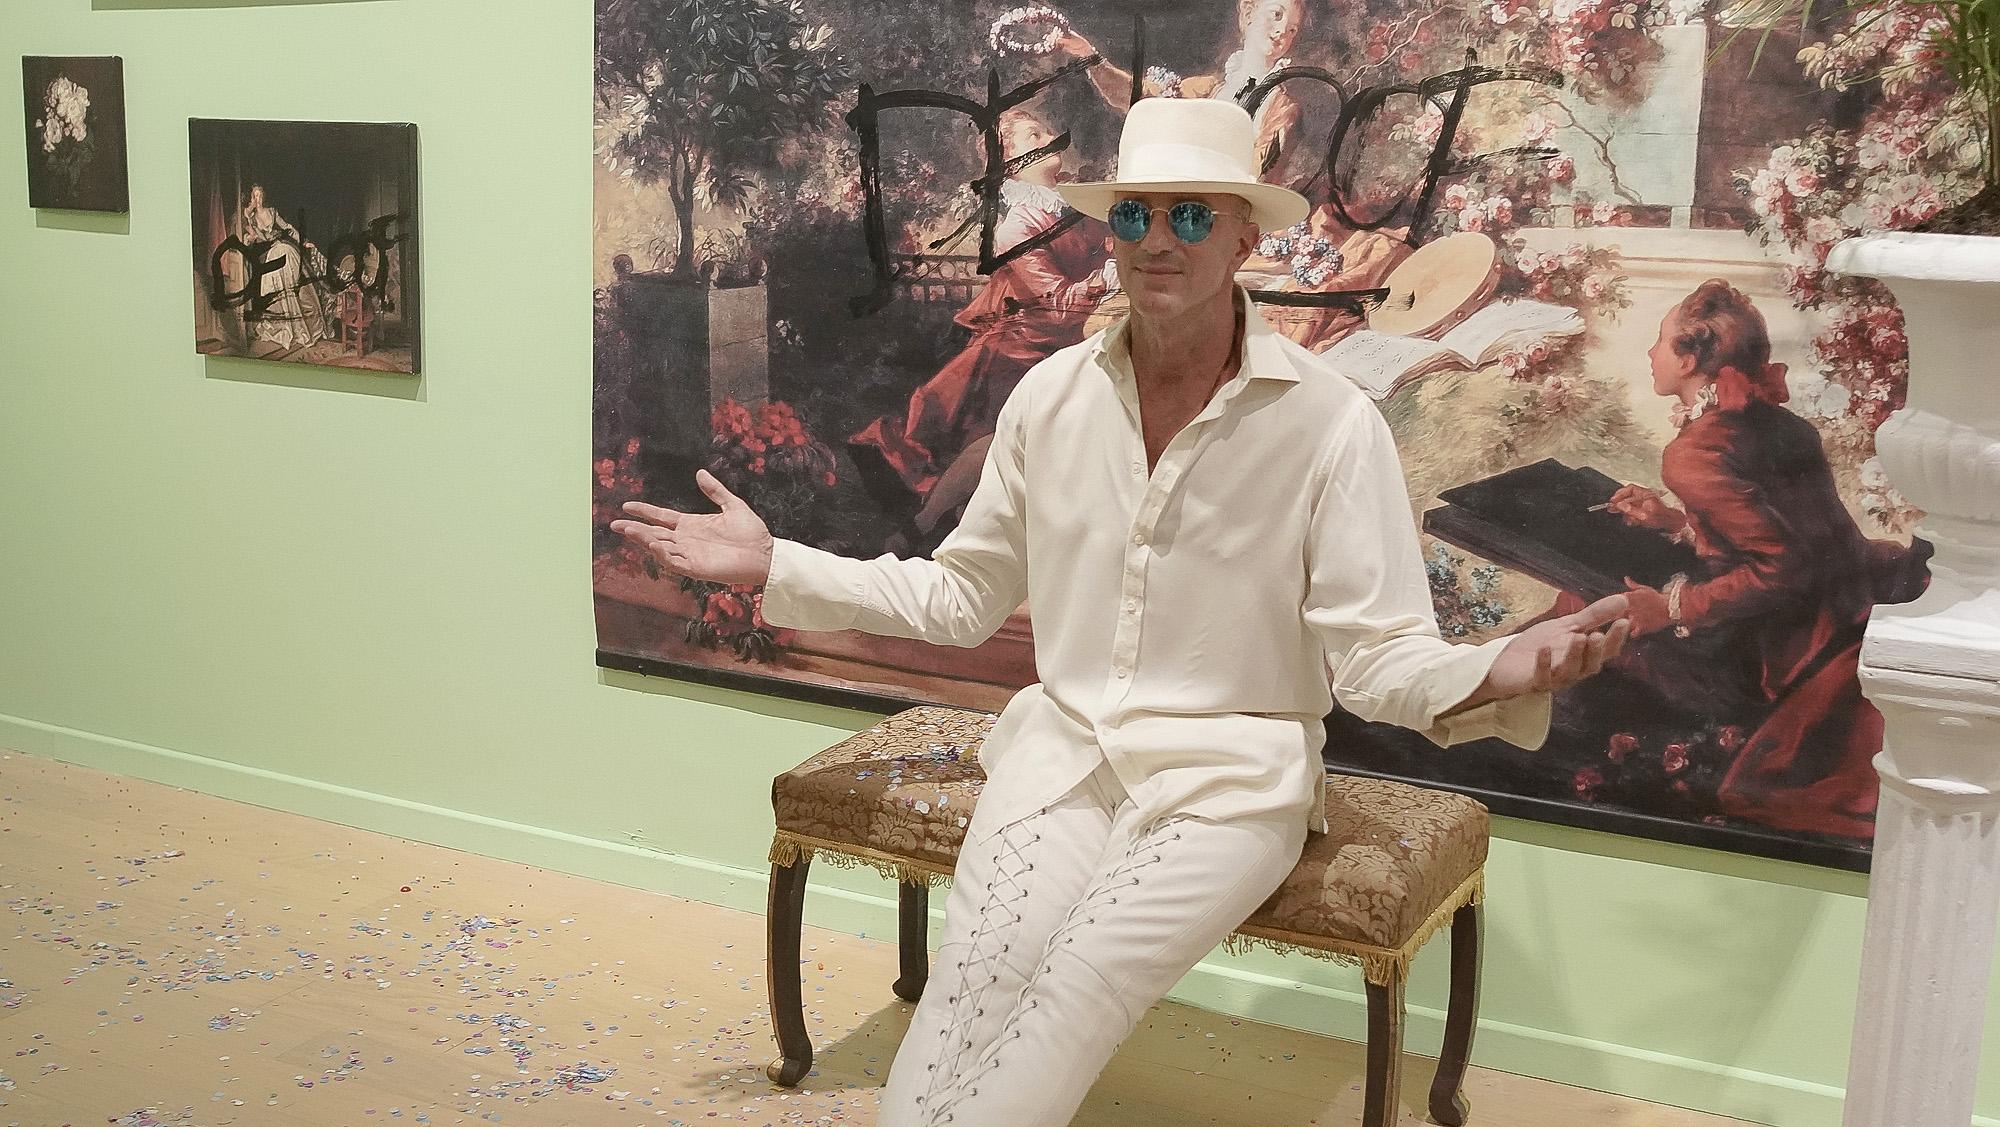 Alan Faena posa junto a una obra de Sergio De Loof, quiennació en 1962, en Buenos Aires. De Loof es artista, diseñador y decorador. Prolífico creador y ambientador, fundó y ambientó bares, restaurantes y discotecas como Bolivia (1989), El Dorado (1990) Ave Porco (1994), El Morocco (1993) y Club Caniche (1995)